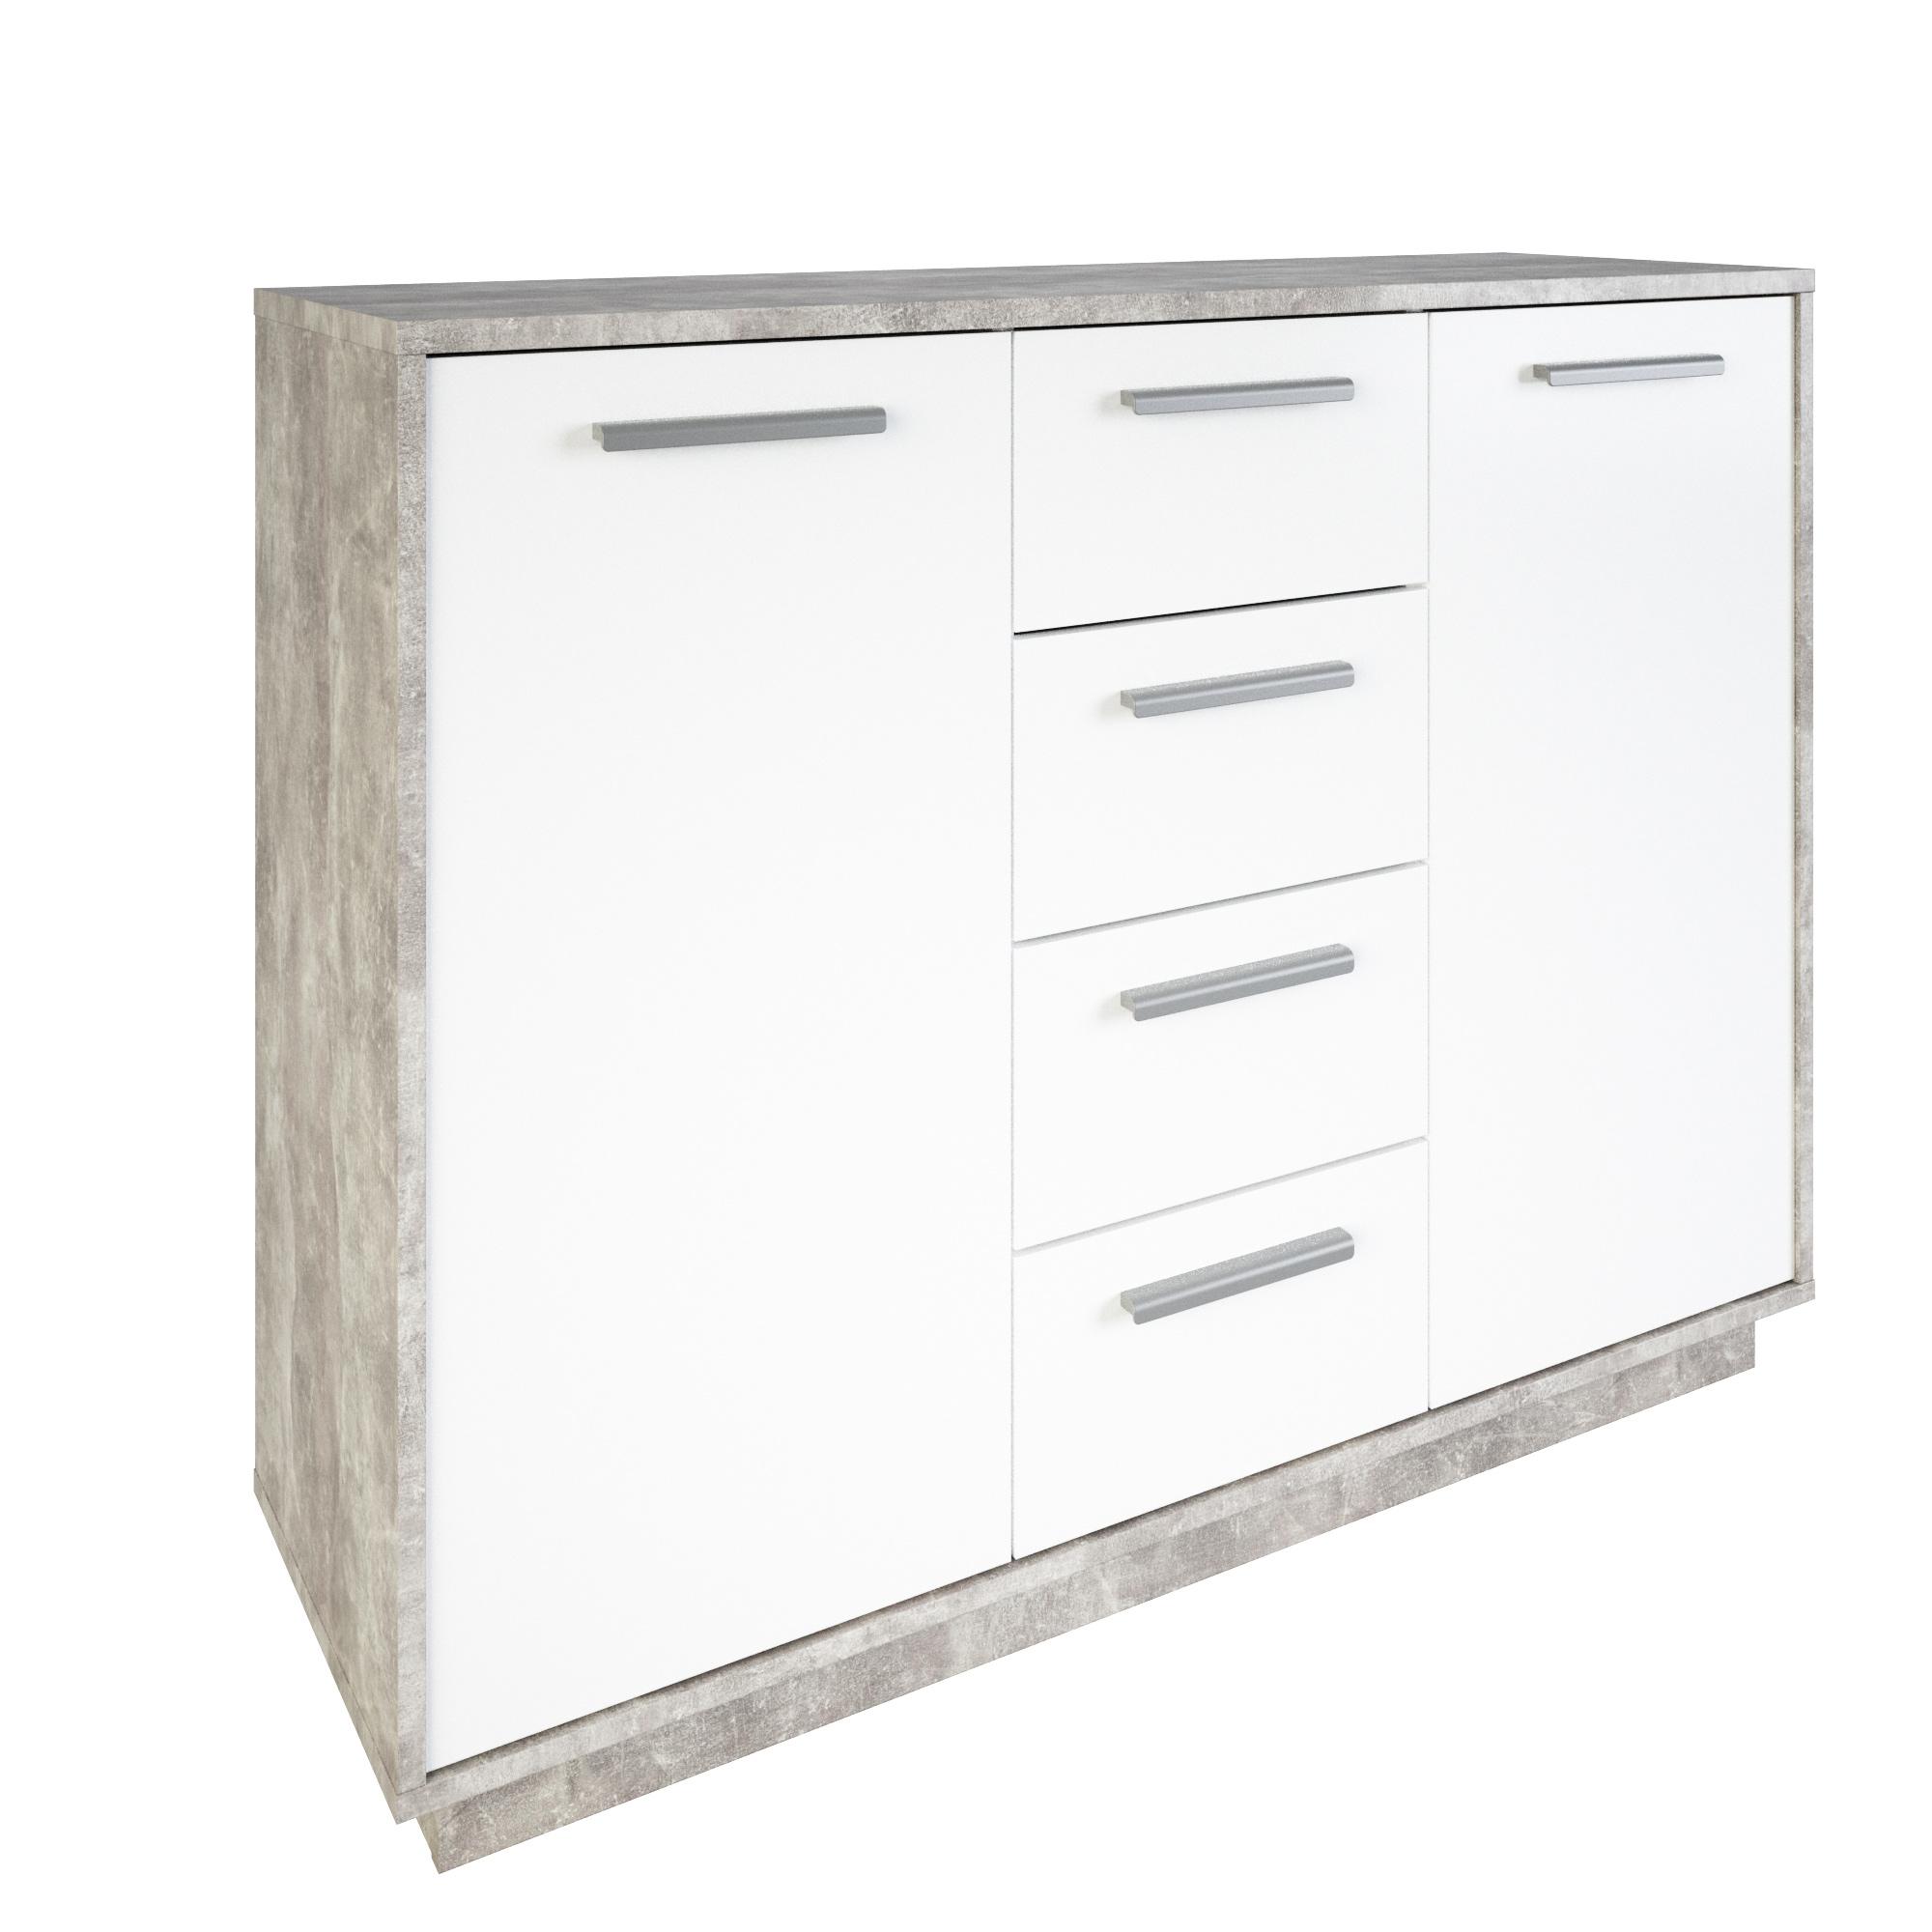 Meuble de rangement contemporain 2 portes/4 tiroirs blanc/béton Sismo